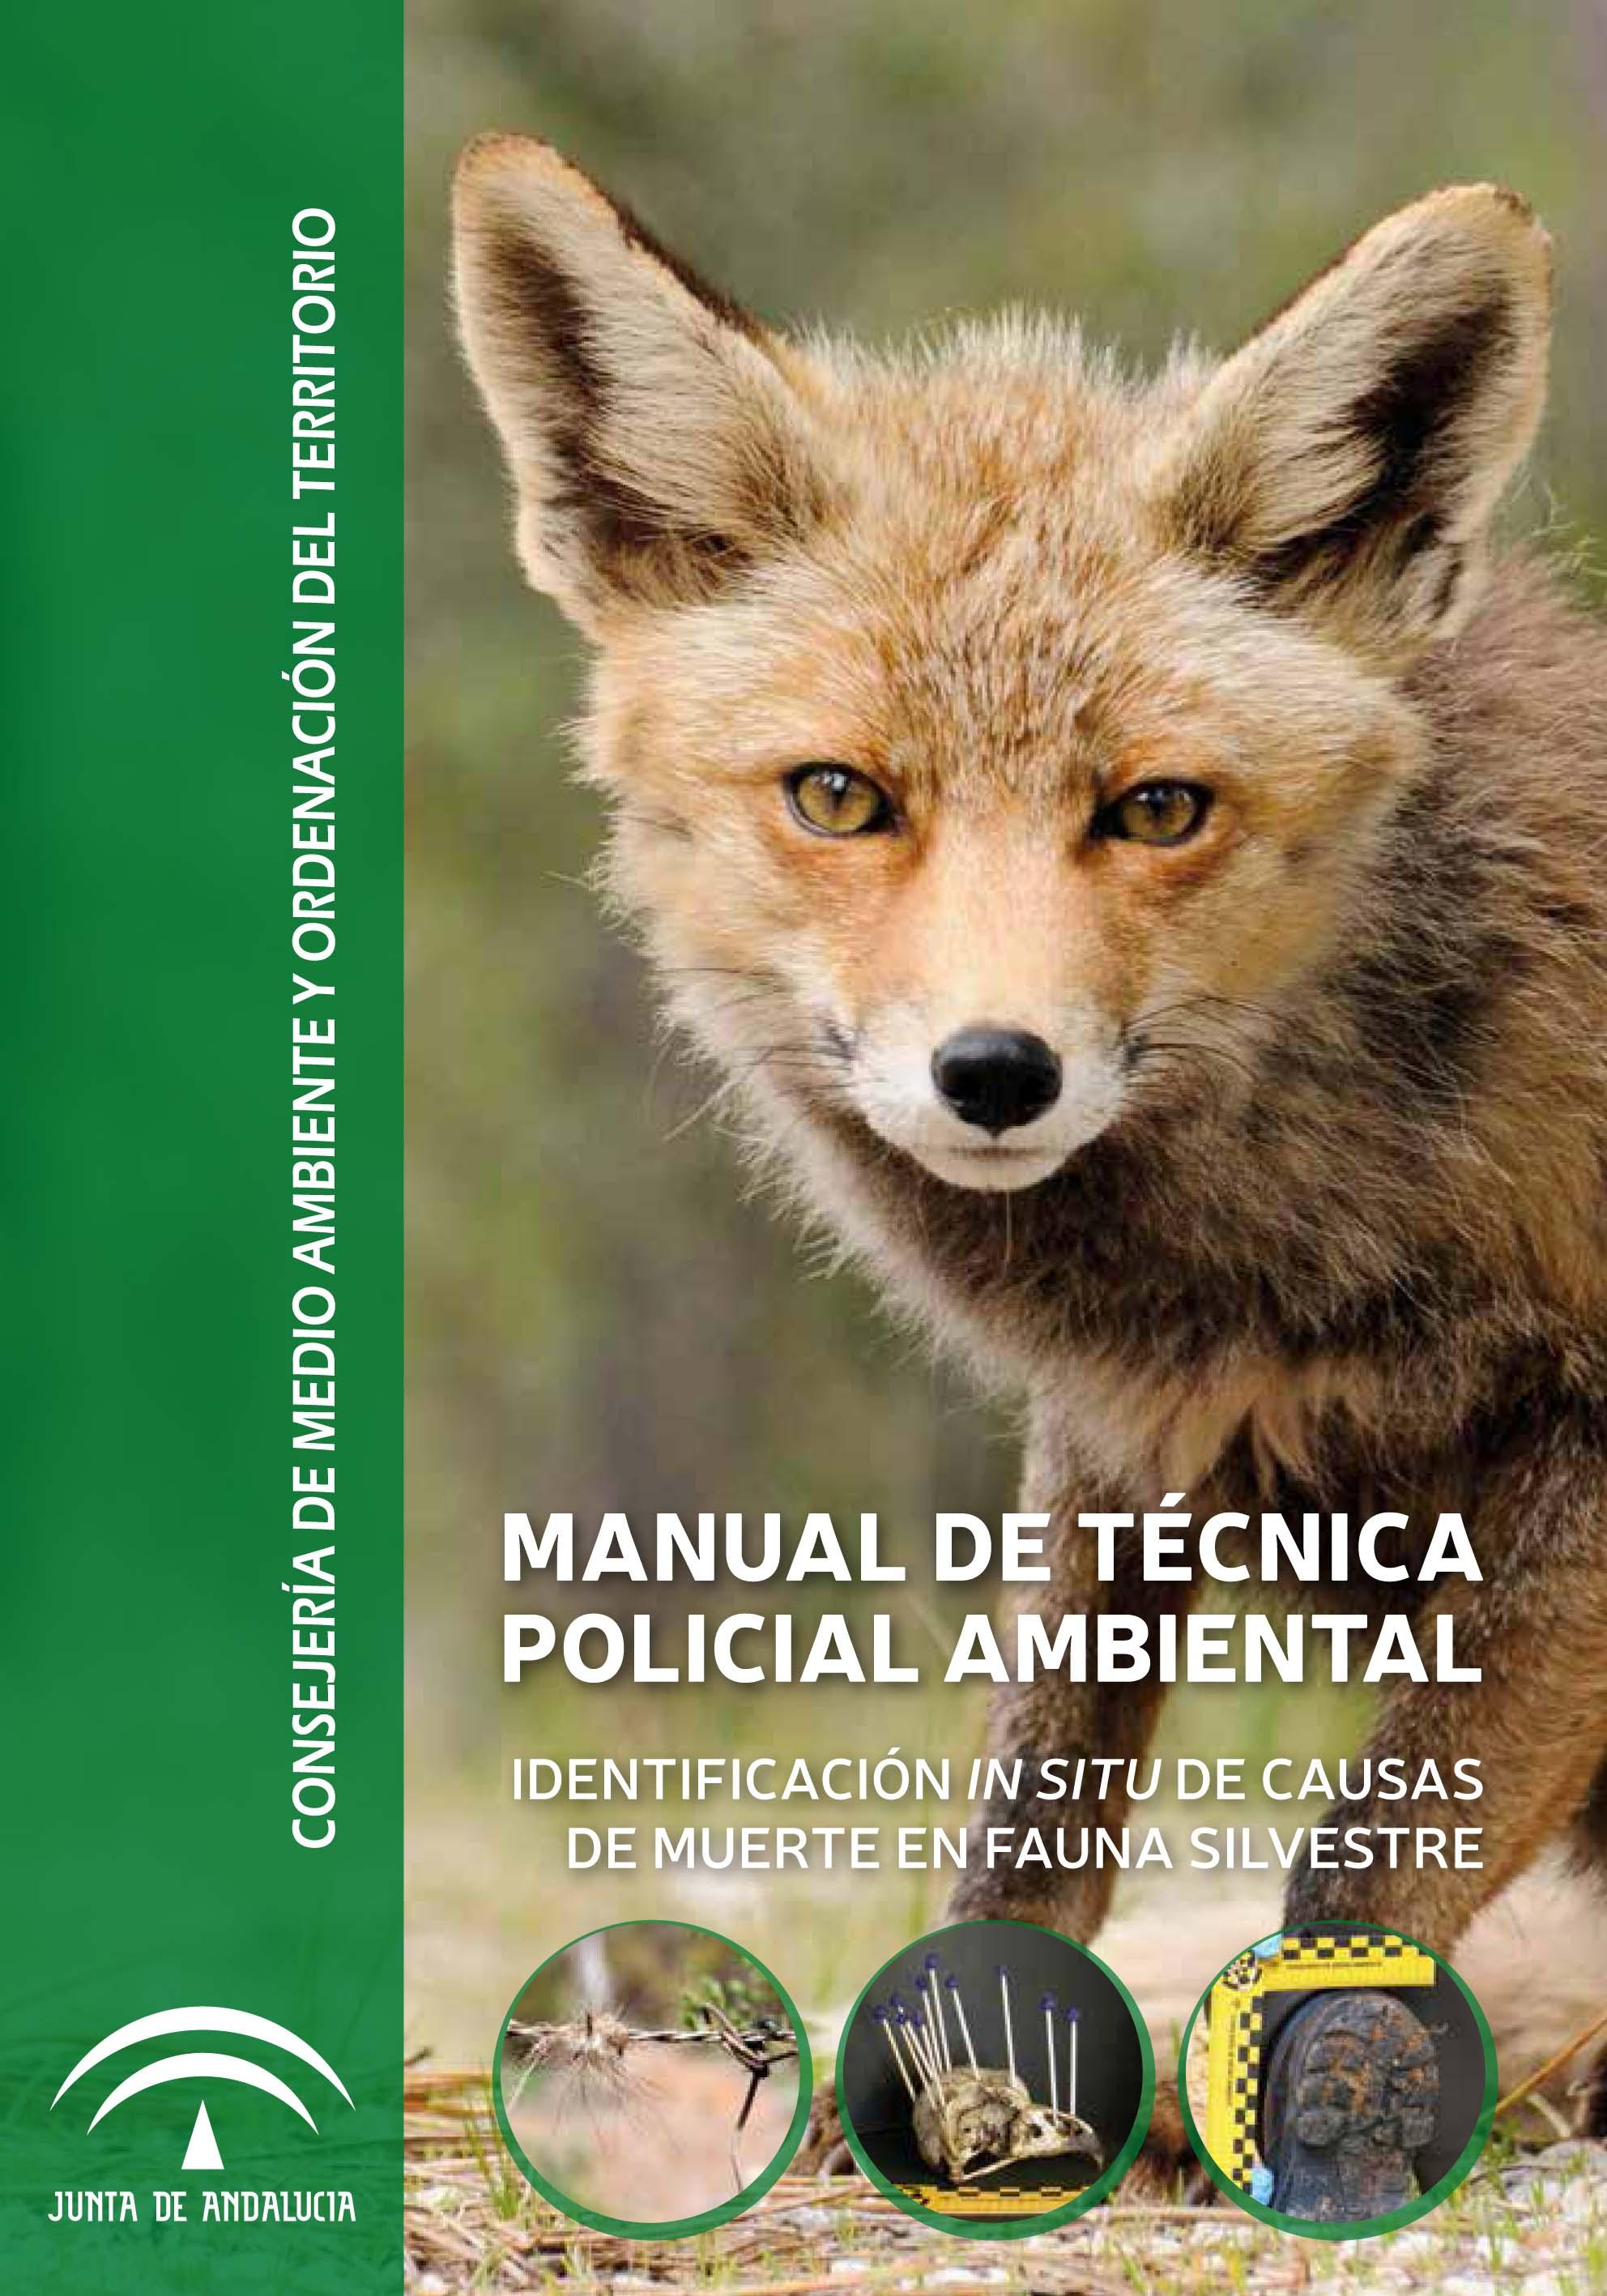 'Manual de Técnica Policial Ambiental. Identificación in situ de causas de muerte en fauna silvestre', de la Junta de Andalucía